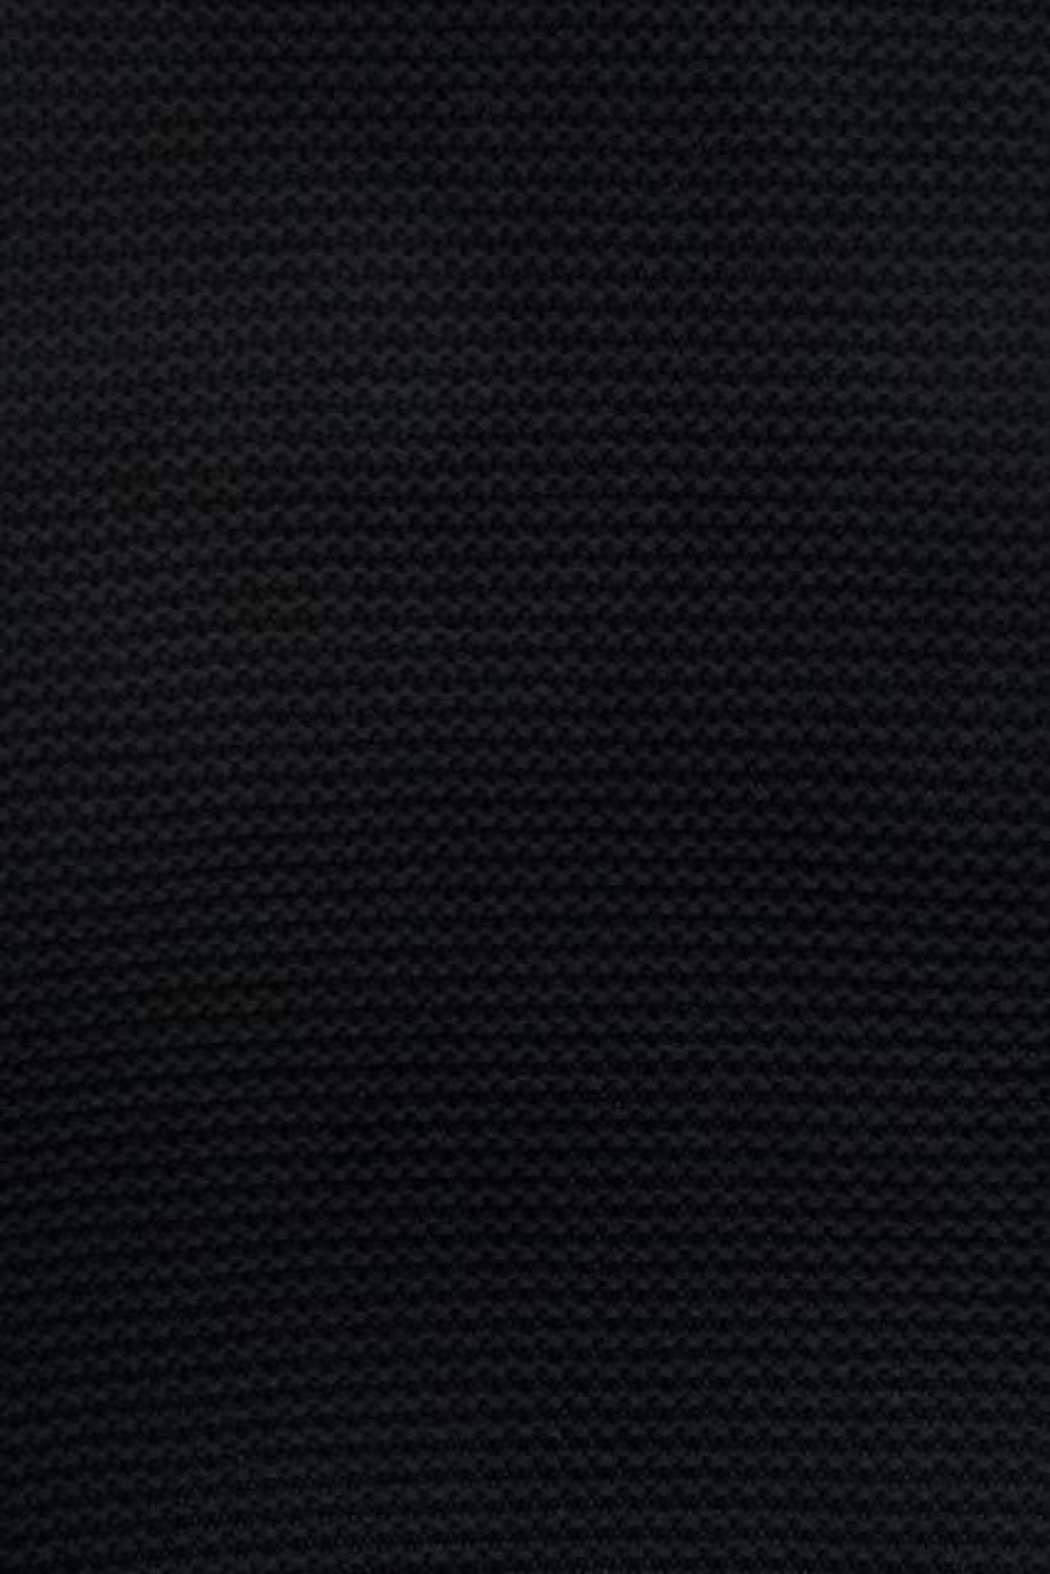 Deken_75x100cm_Heavy_knit_black_Detailfoto